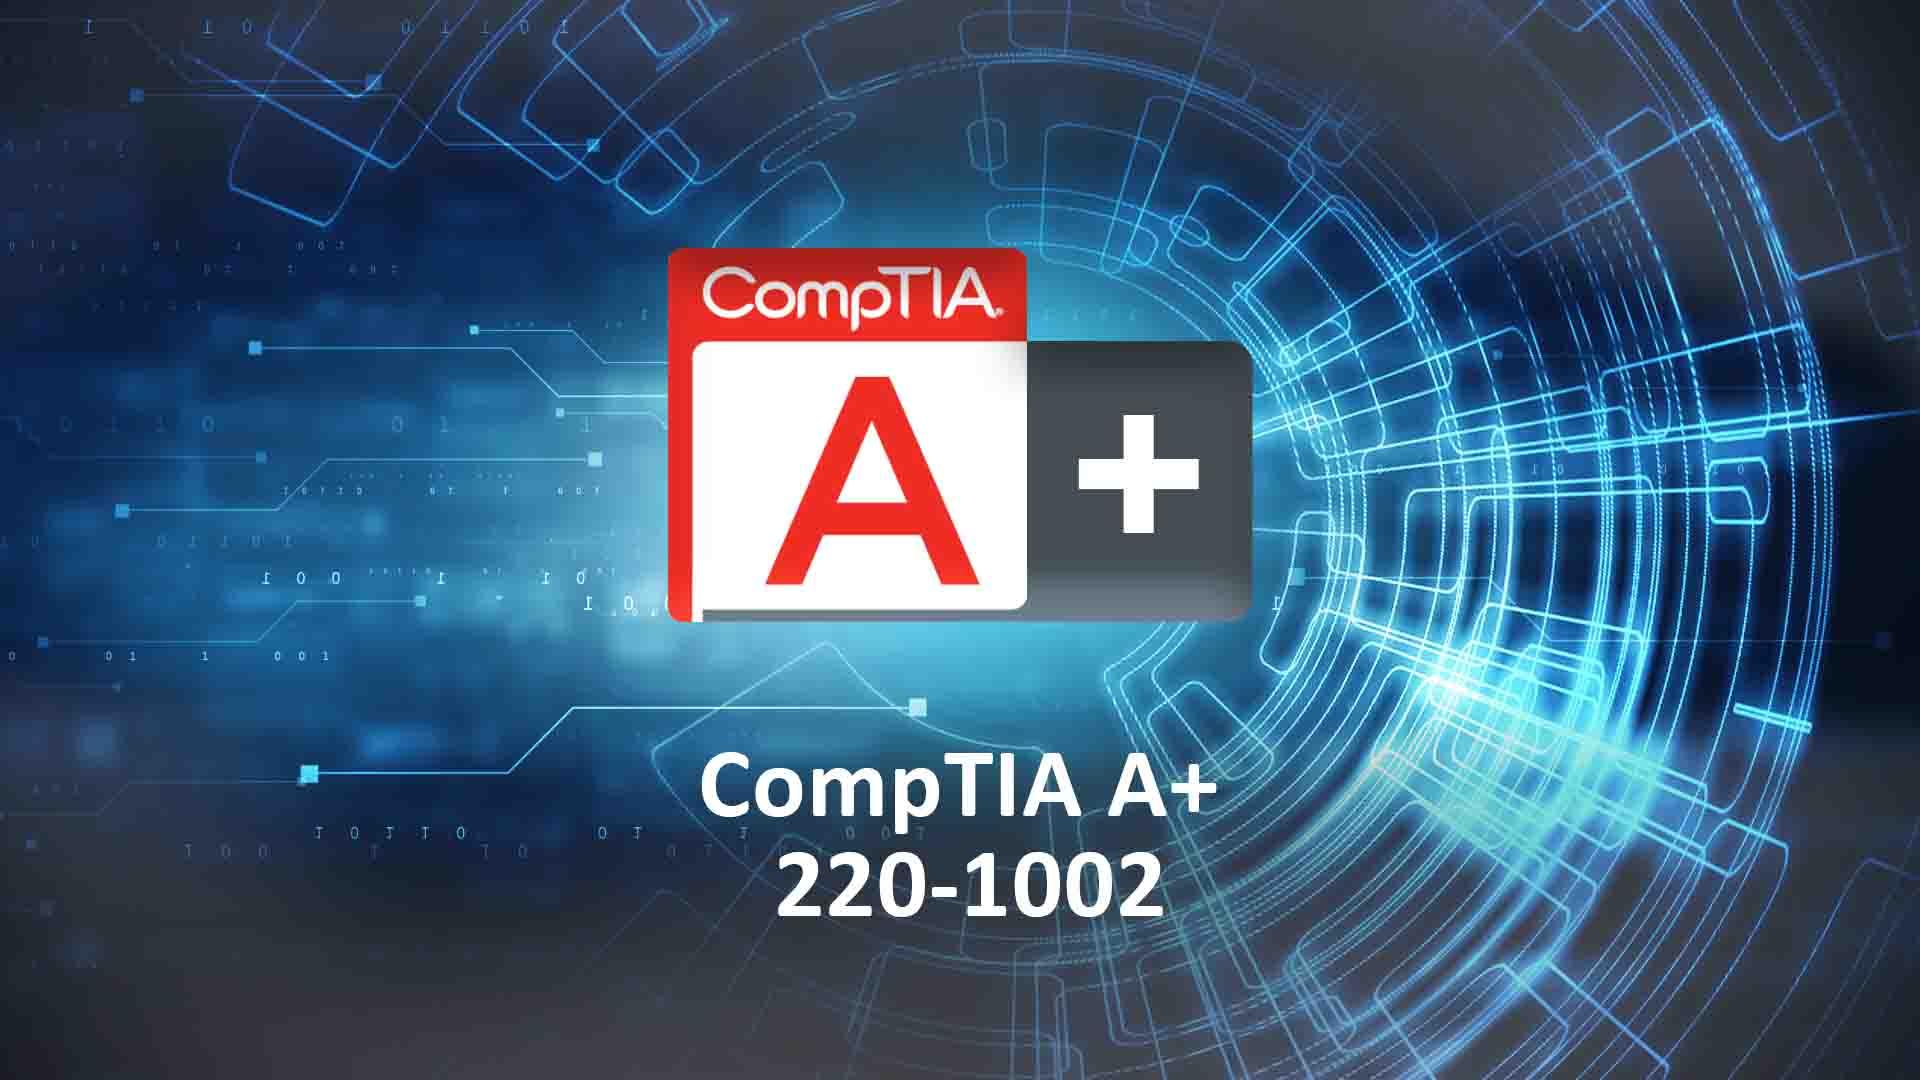 CompTIA A+ (220-1002)